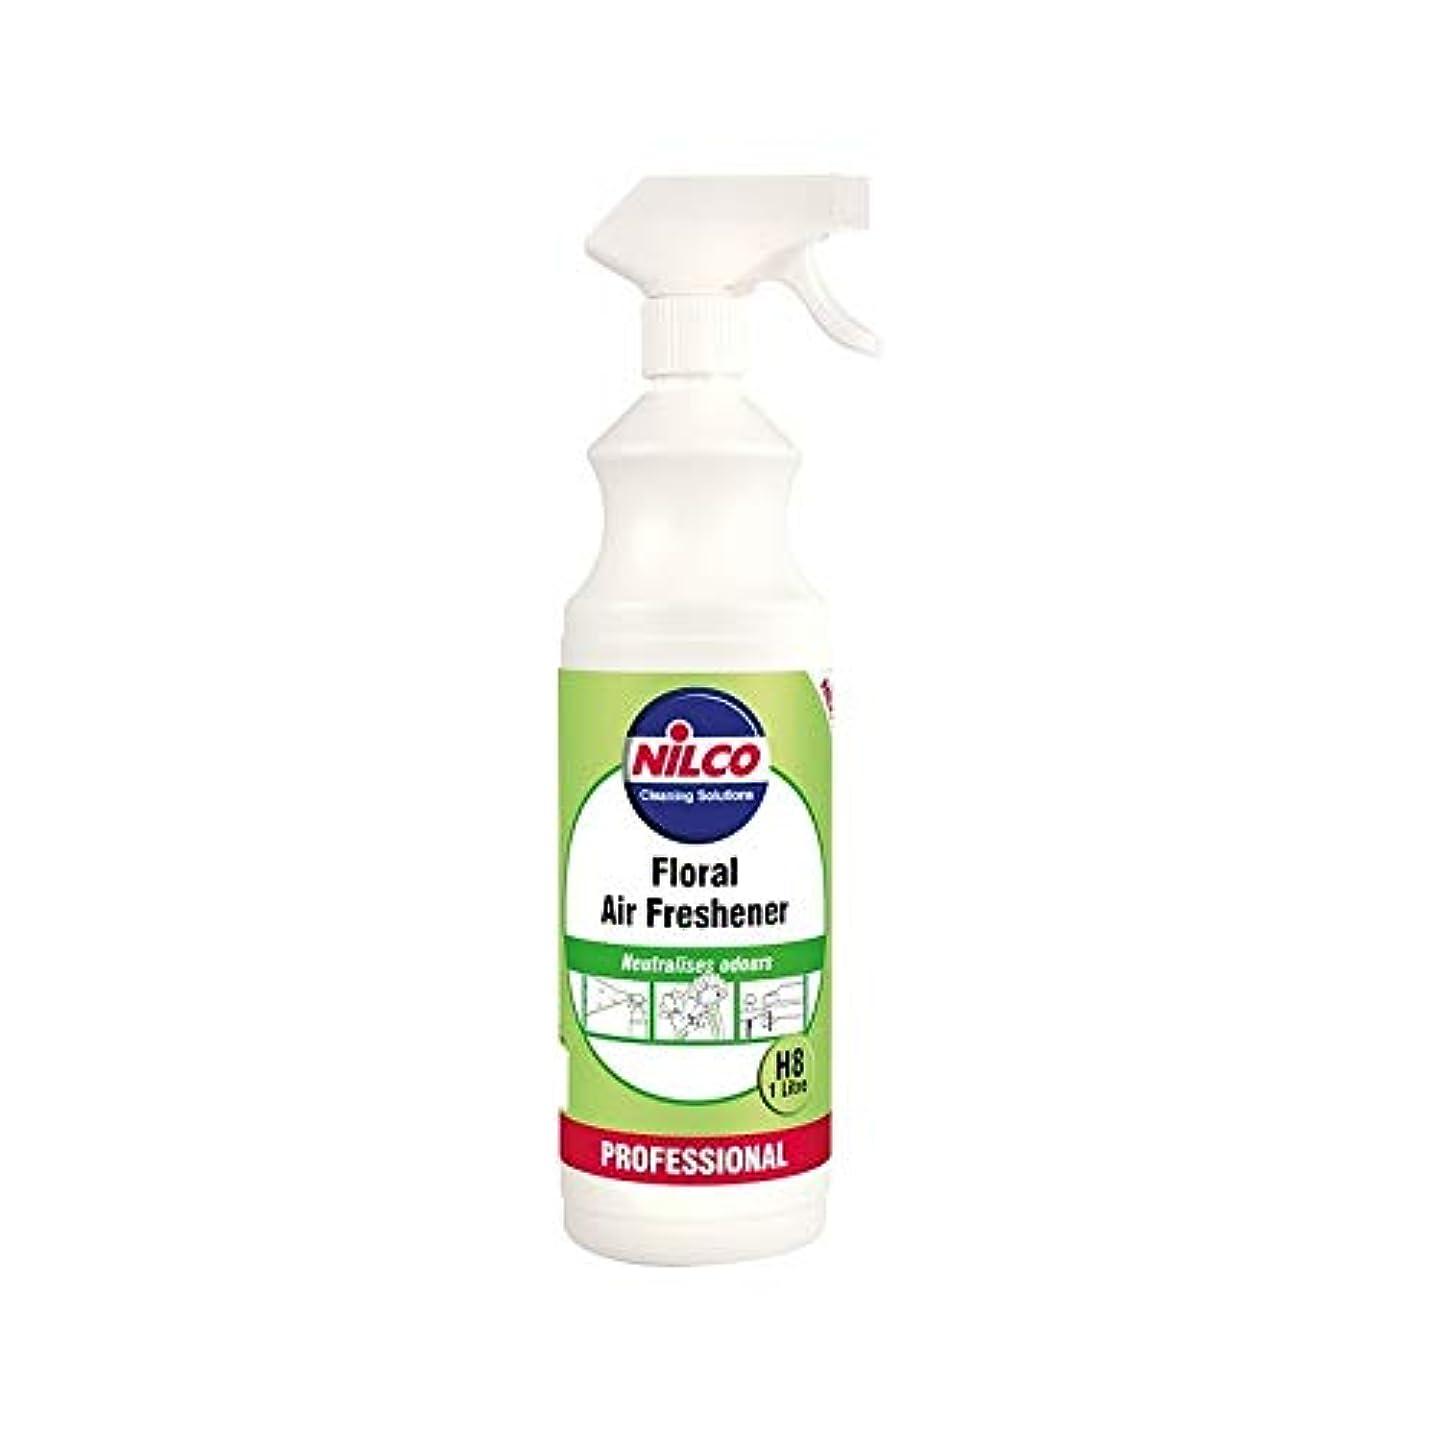 散髪精神プライム[Nilco] Nilcoプロの花のエアフレッシュナーH8の1リットル - Nilco Professional Floral Air Freshener H8 1L [並行輸入品]